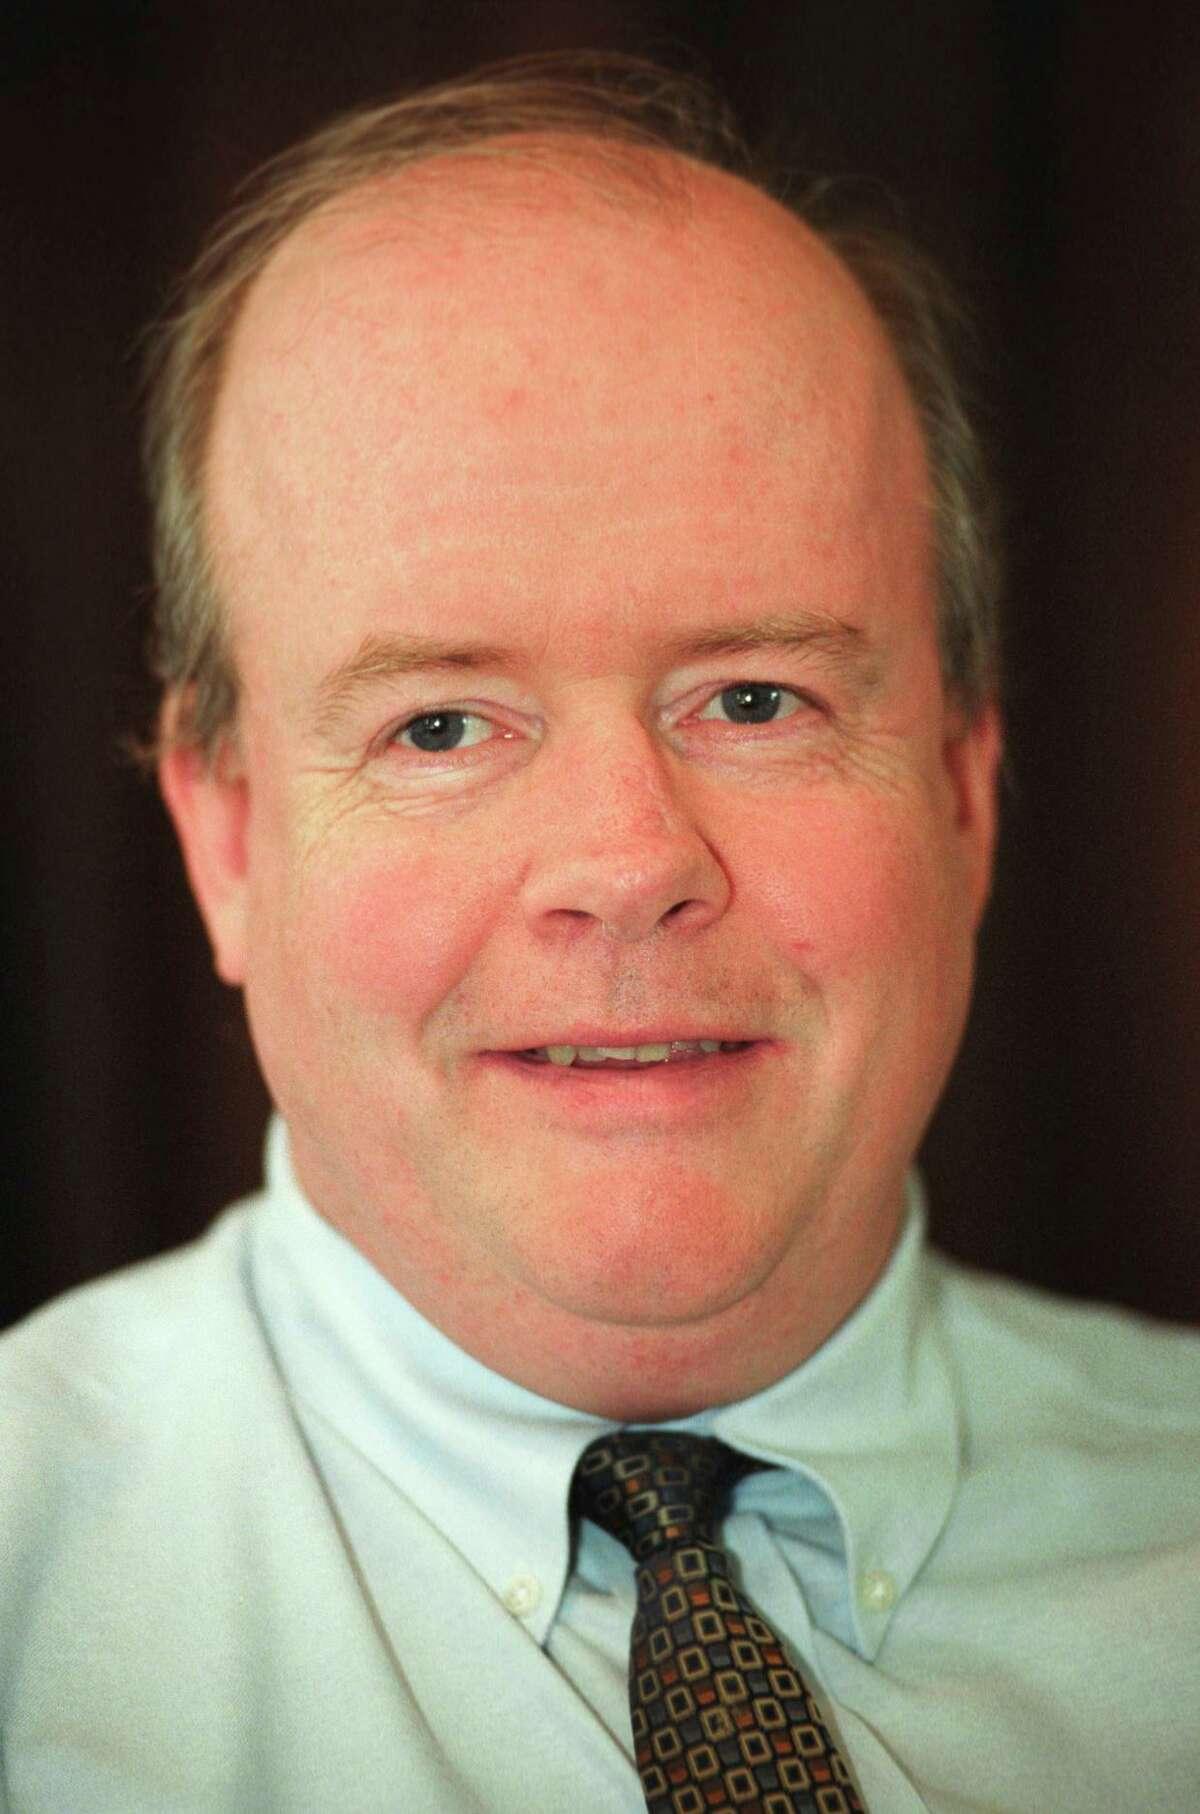 FILE PHOTO - 6/20/03 Robert T. Keeley, Jr., (D) Bridgeport Mayoral Candidate.